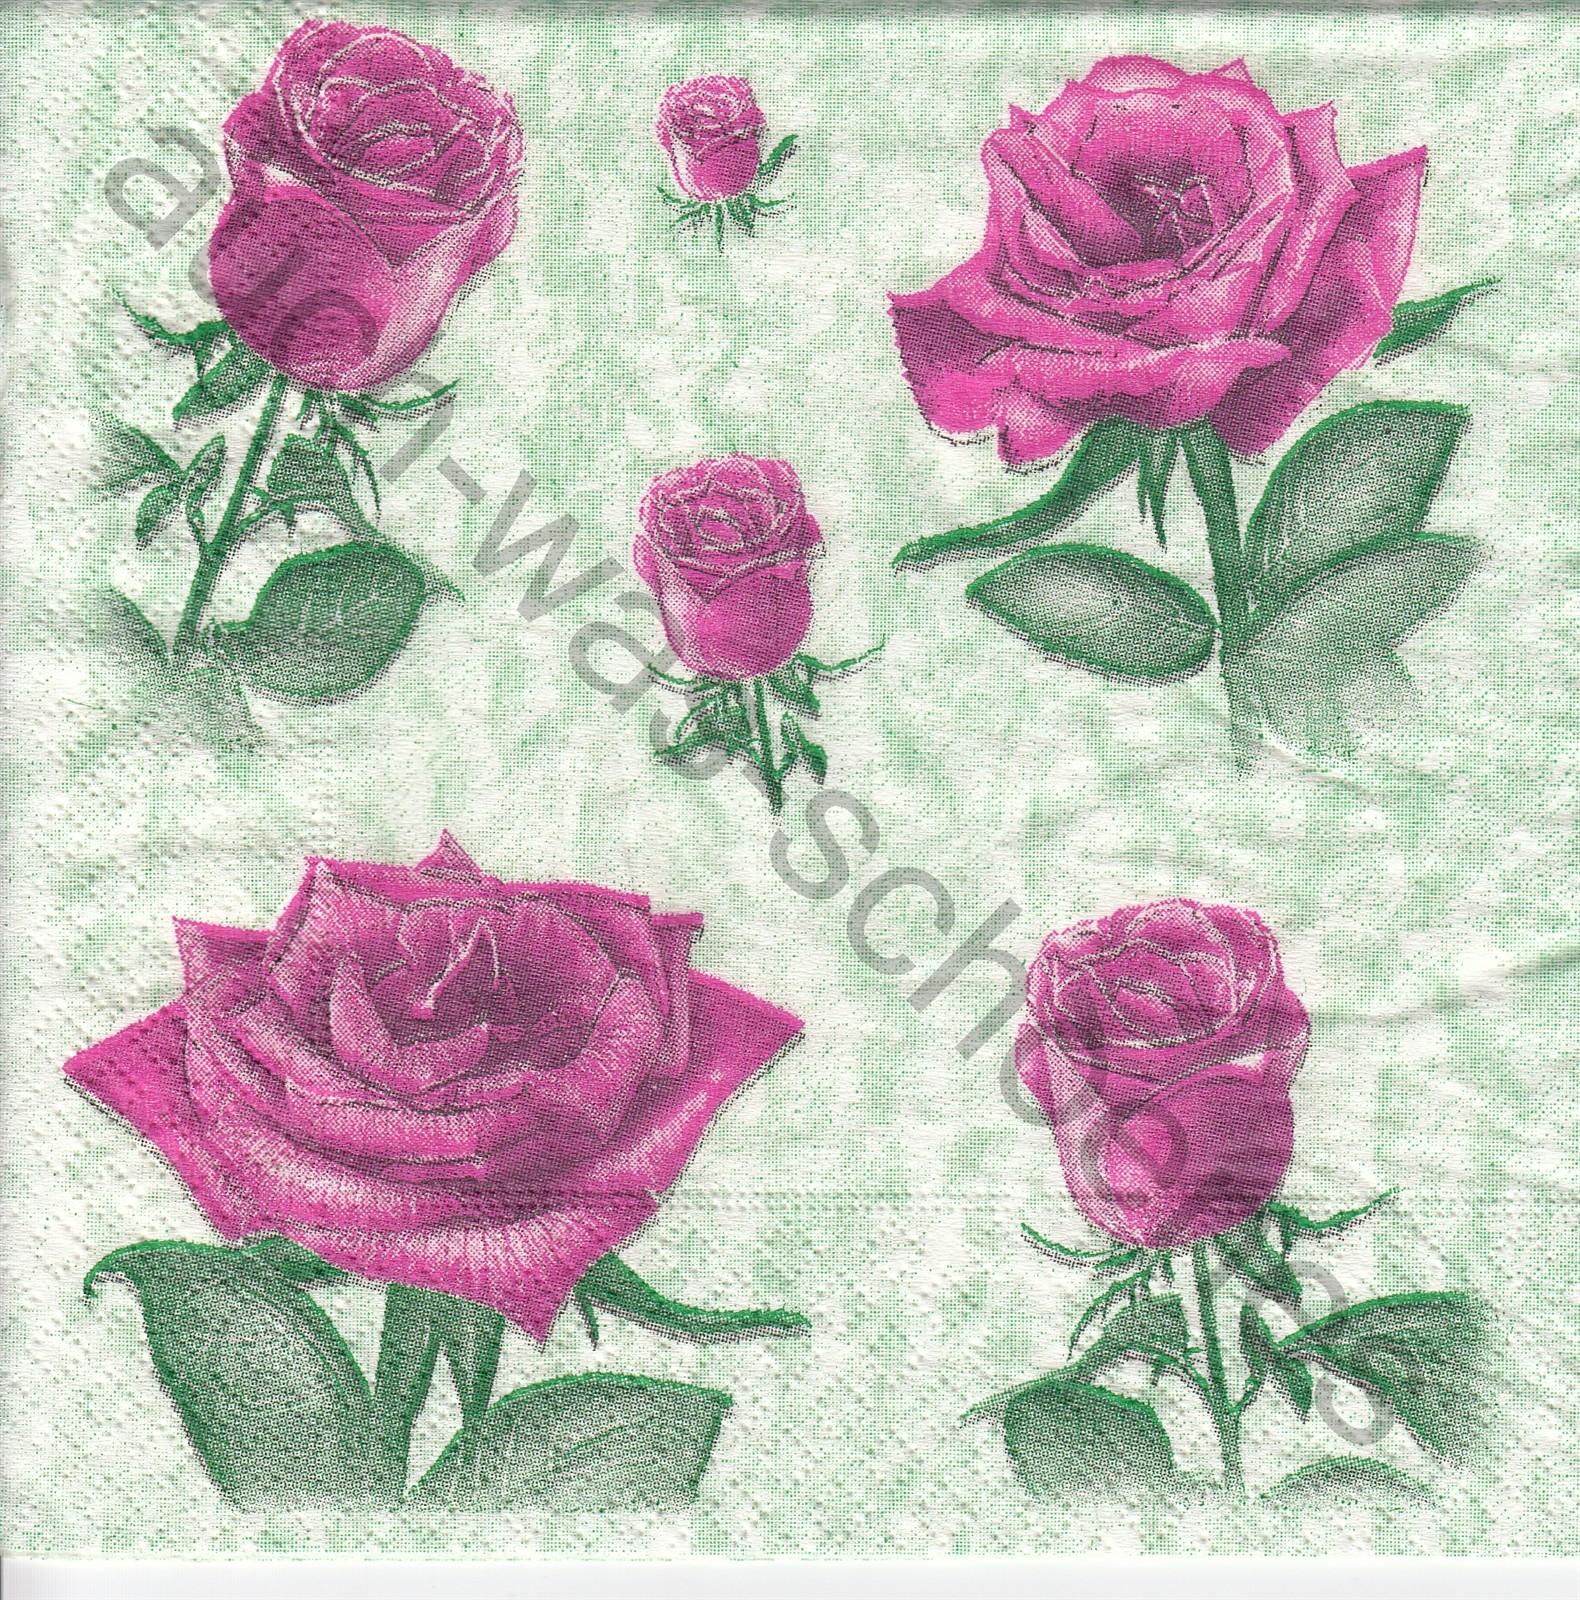 Servietten basteln sammeln - Rosenblüten - Rosen - Vintage - Blumen ...